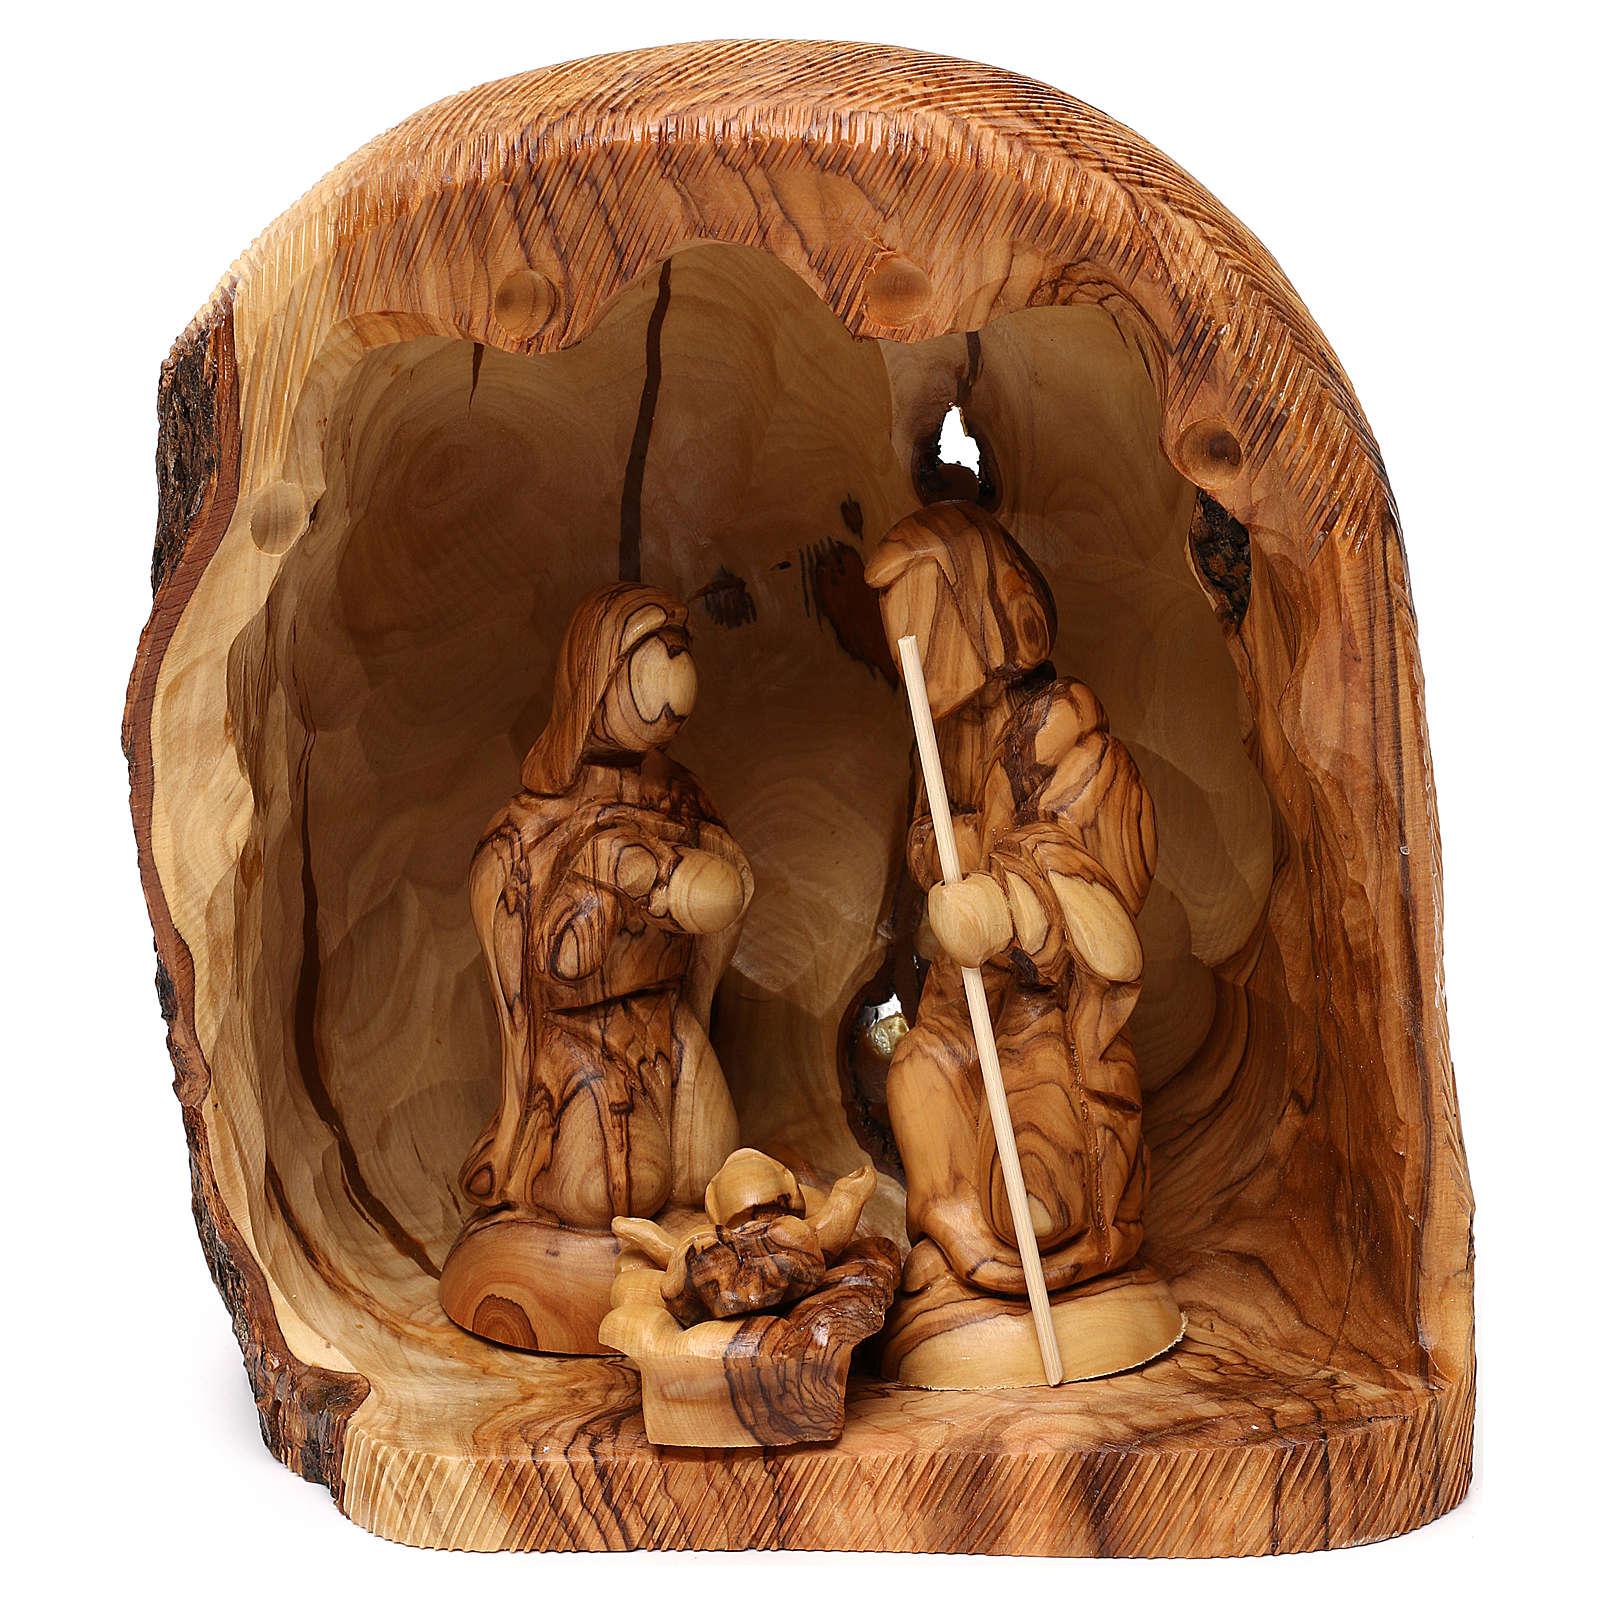 Cabaña con Natividad 3 piezas de madera de olivo Belén 25x20x15 cm 4